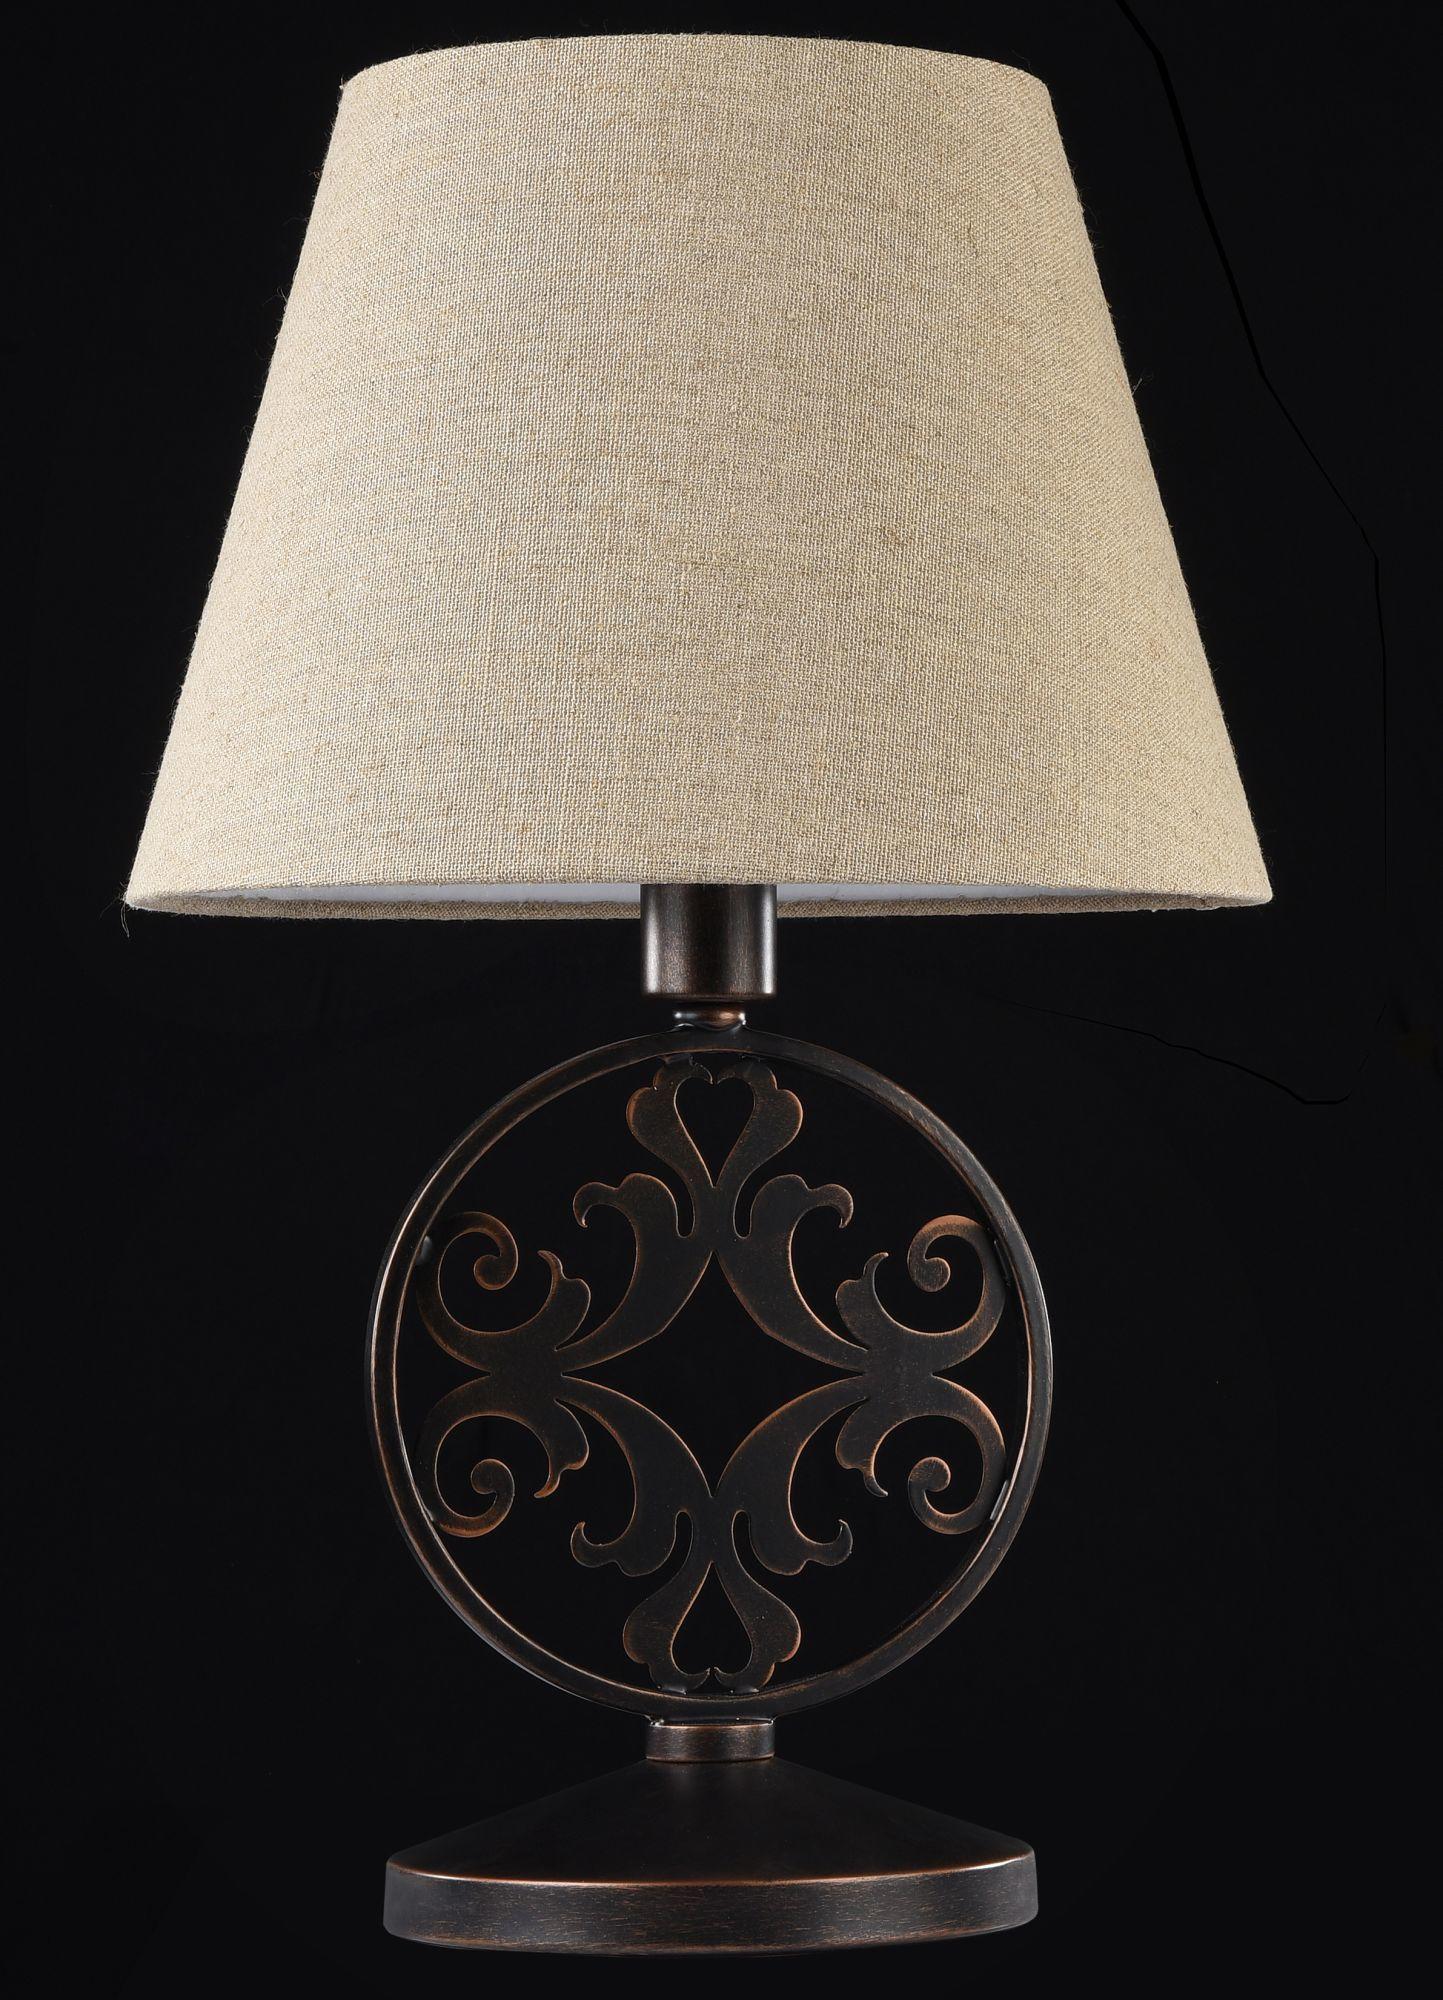 Настольная лампа Maytoni Rustika H899-22-R, 1xE27x40W, коричневый, бежевый, металл, ковка, текстиль - фото 2